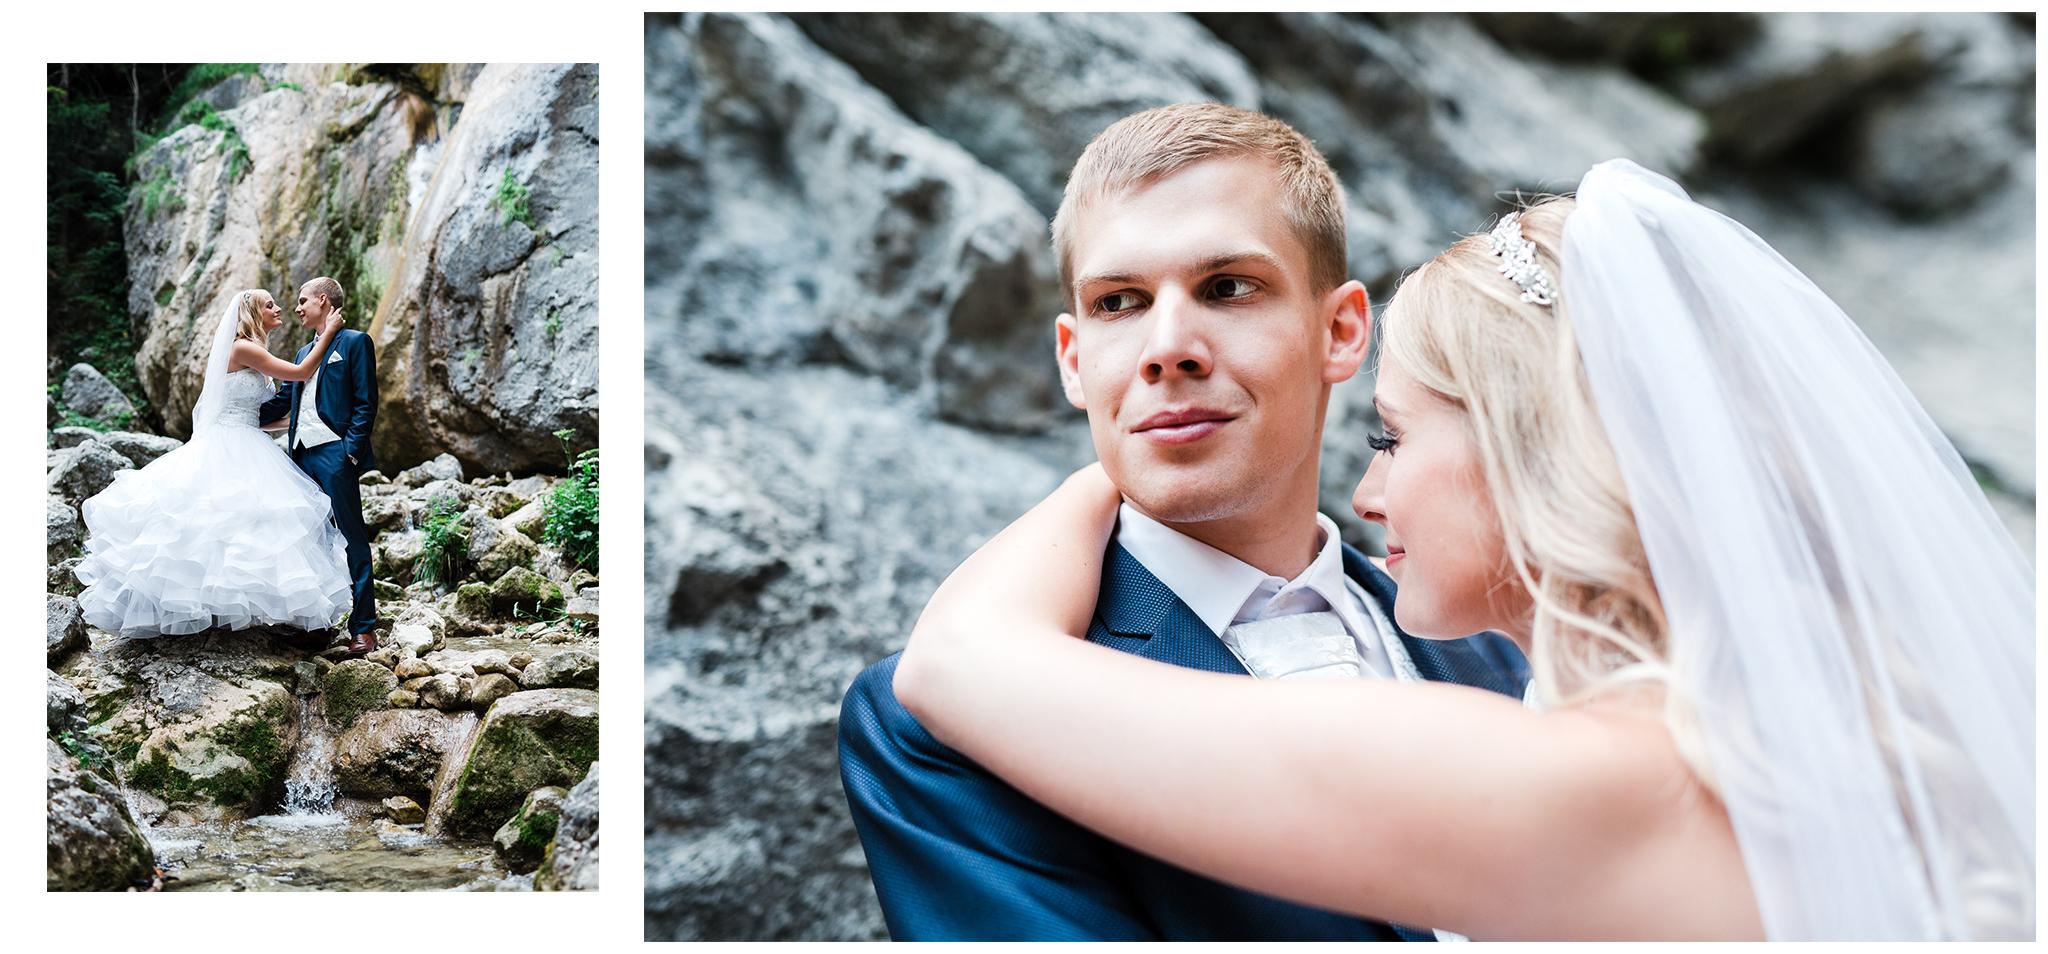 MONT_FylepPhoto, Esküvőfotós Vasmegye, Esküvő fotózás, Esküvői fotós, Körmend, Vas megye, Dunántúl, Budapest, Fülöp Péter, Jegyes fotózás, jegyes, kreatív, kreatívfotózás,Wien,Ausztira,Österreich,hochzeitsfotograf_Anita_Adam_19.jpg